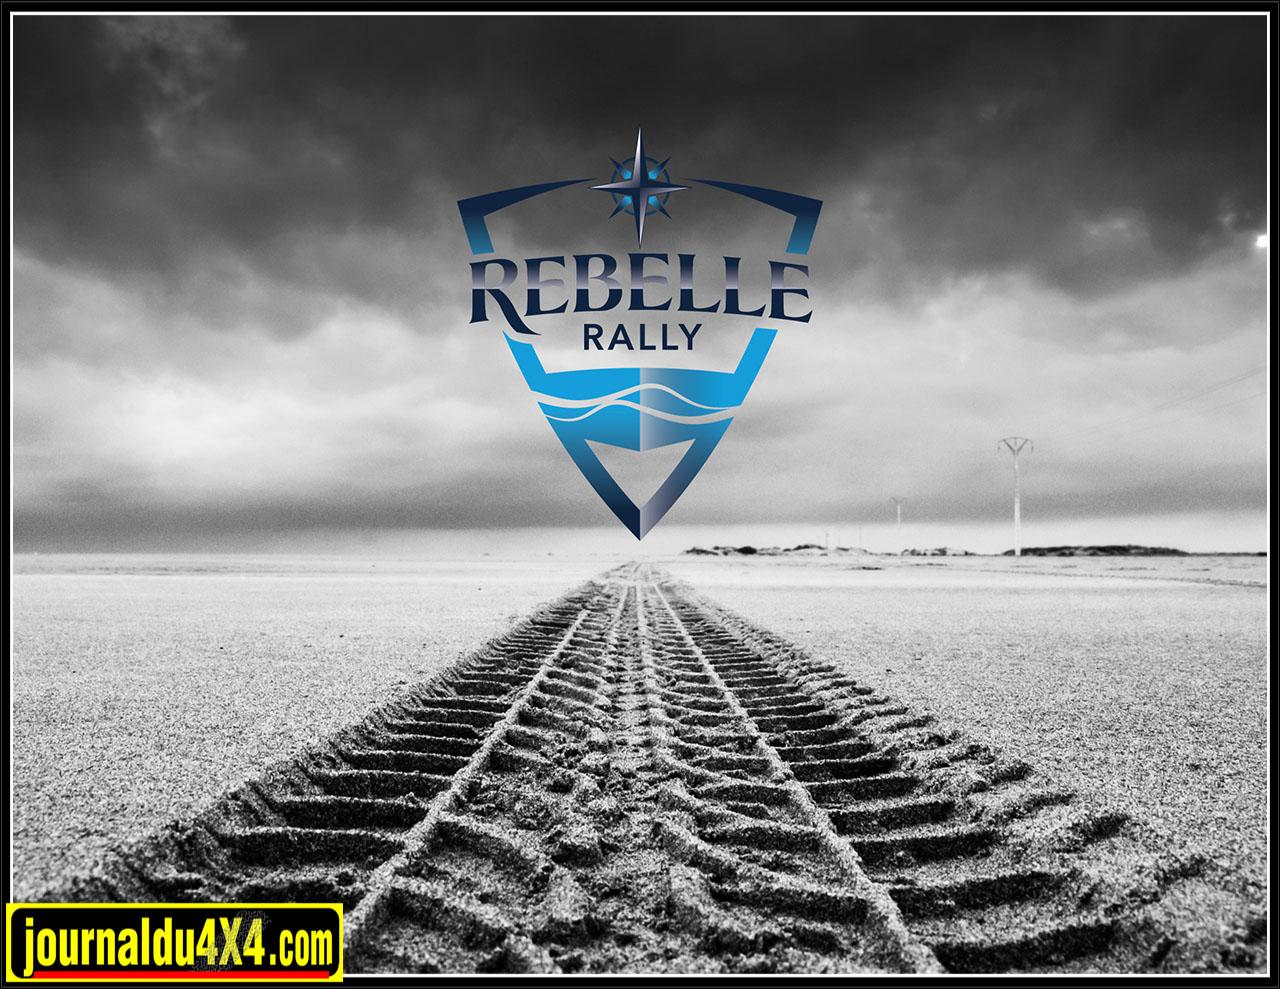 rebelle-rallye-usa.jpg